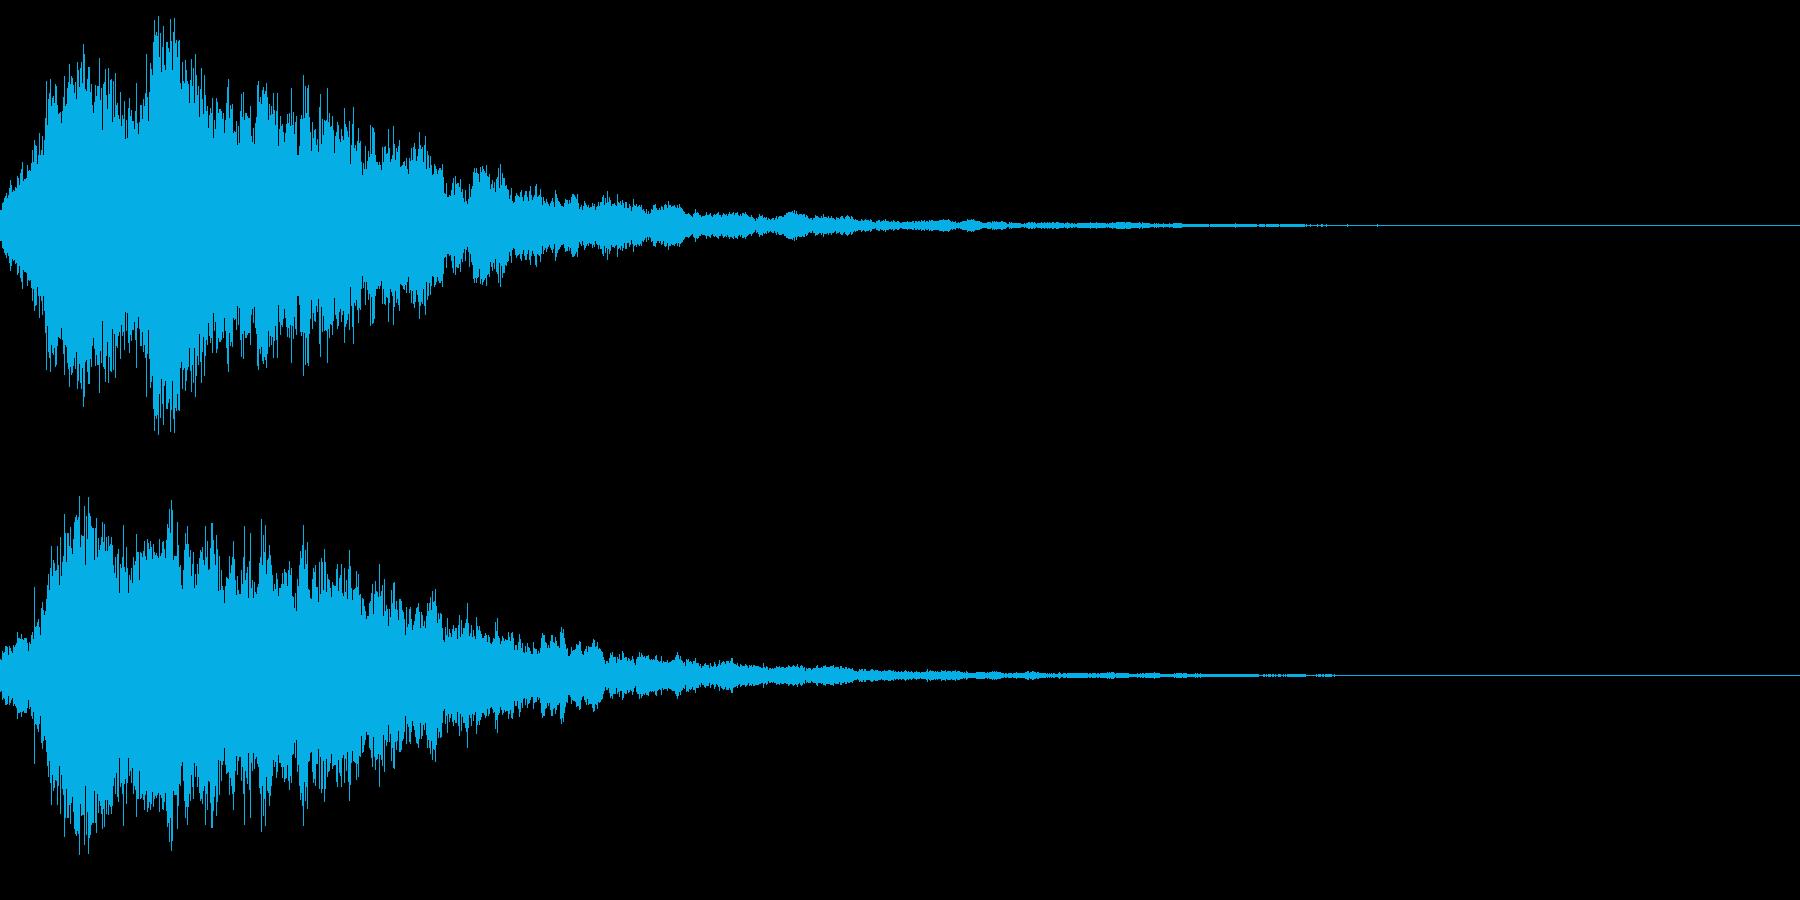 キラキラ輝く テロップ音 ボタン音04bの再生済みの波形